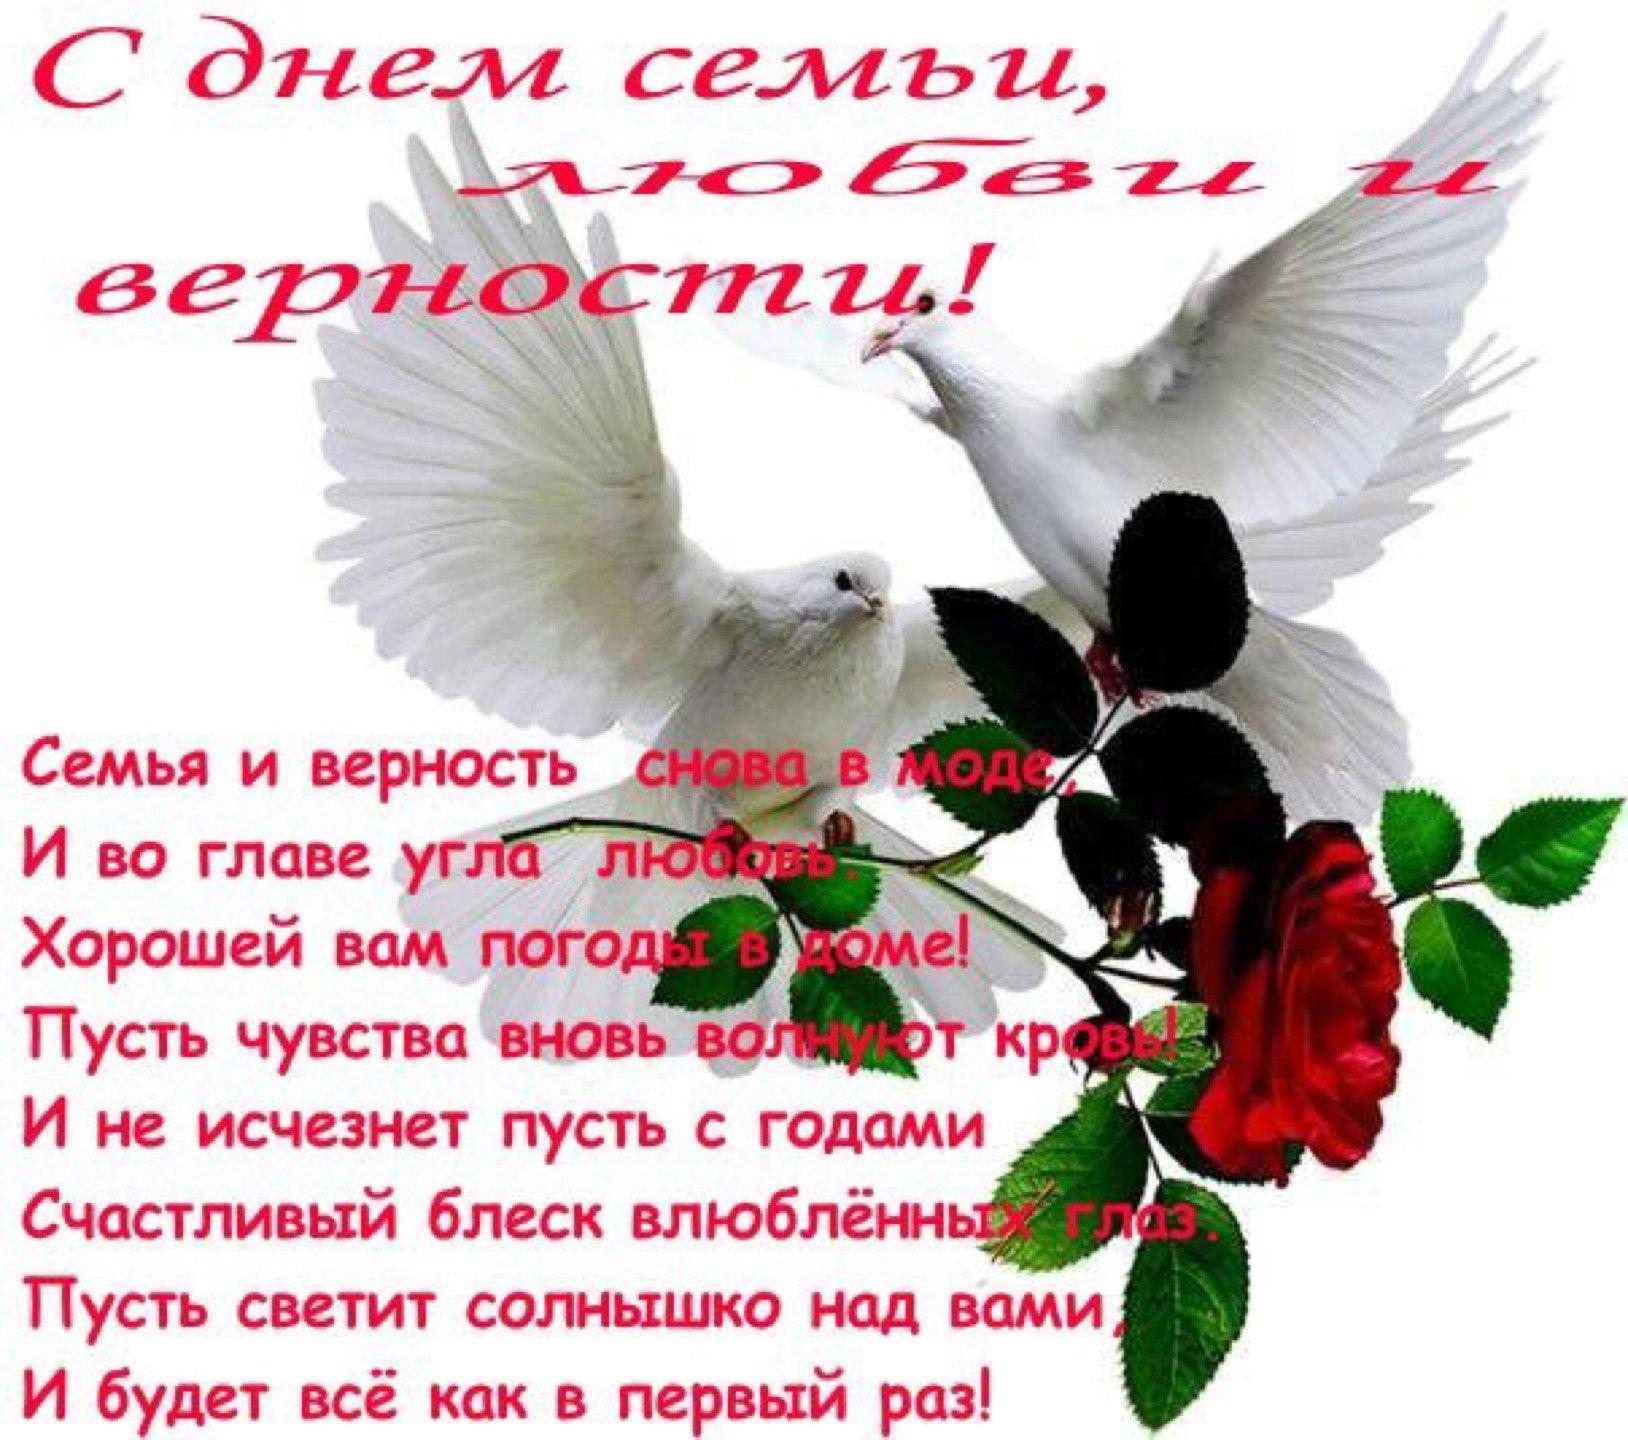 Поздравление на день семьи и верности в прозе